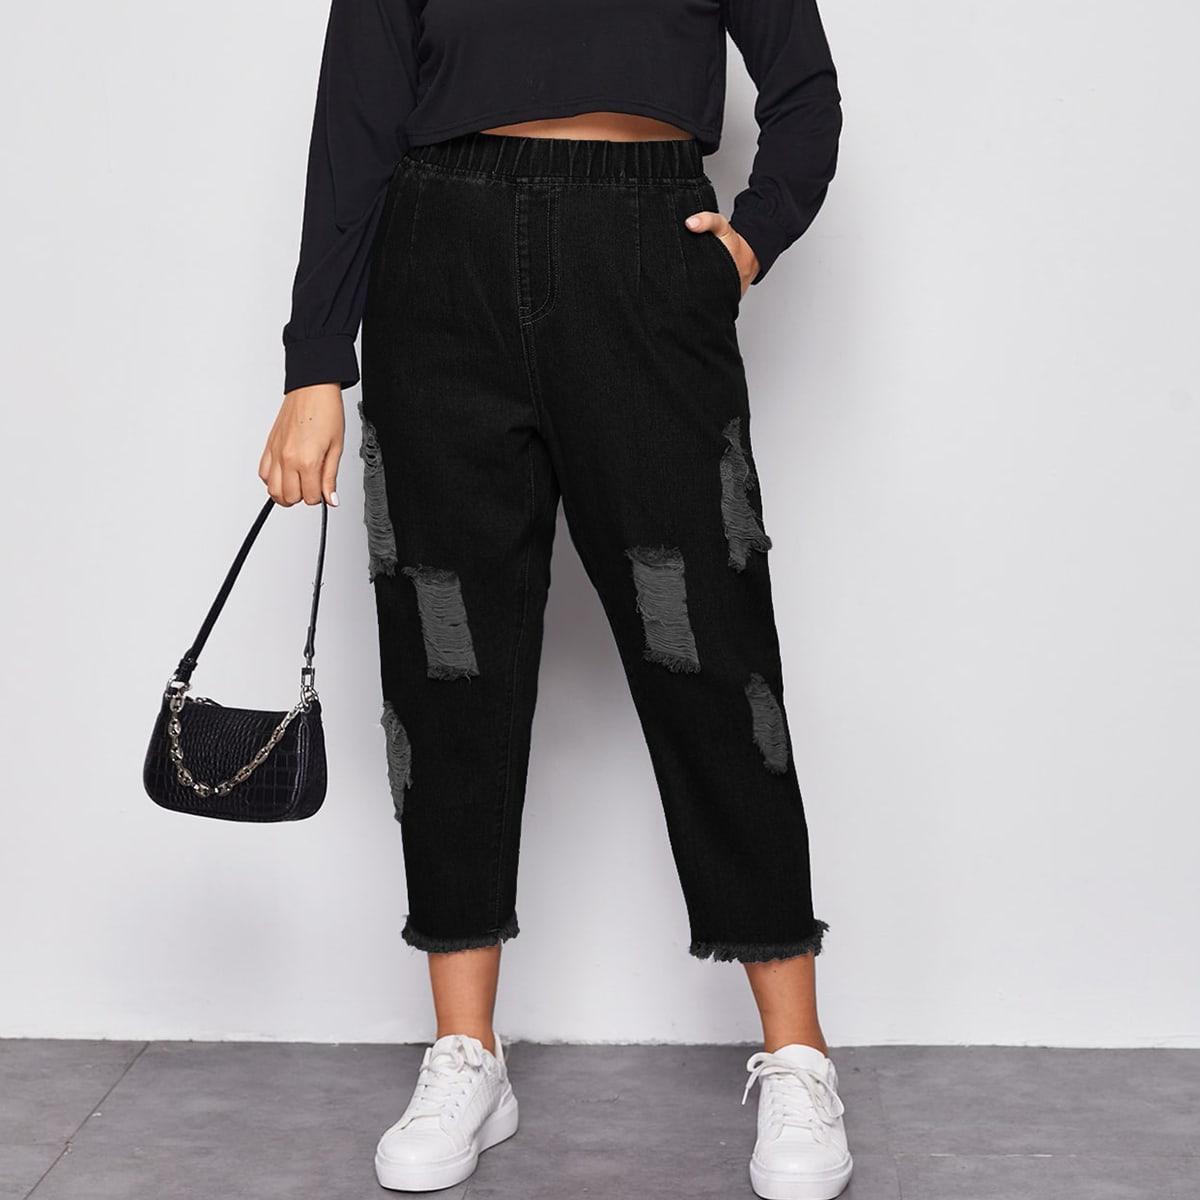 Рваные короткие джинсы размера плюс с эластичной талией